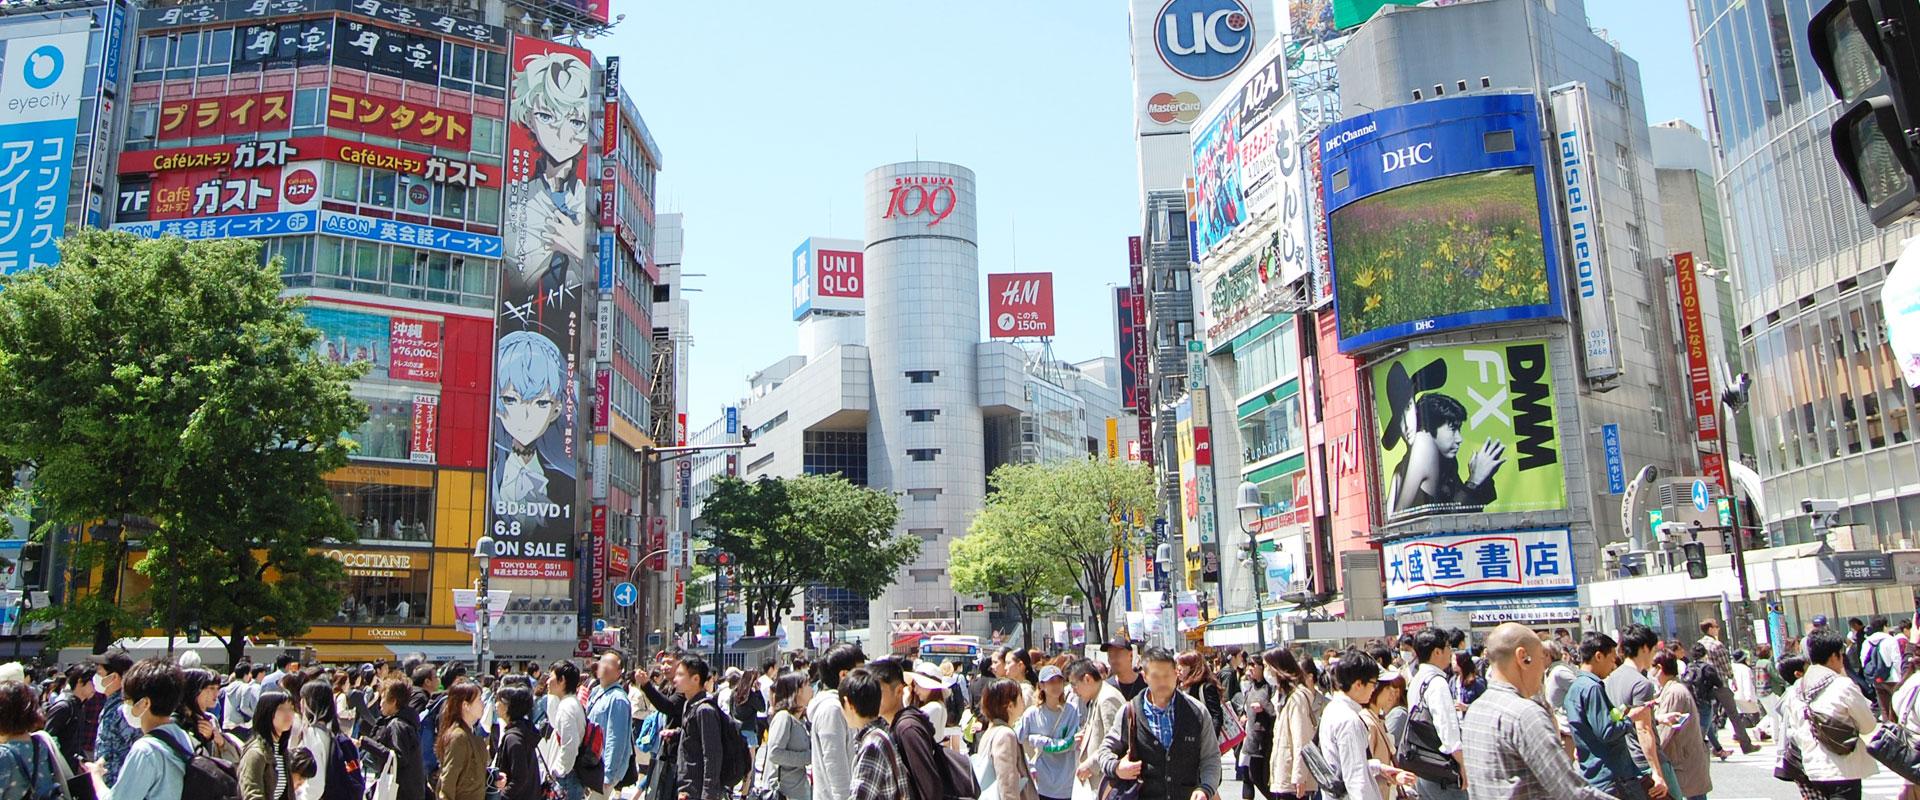 渋谷でiPhone修理するならココ!口コミで評判のiPhone修理店12選